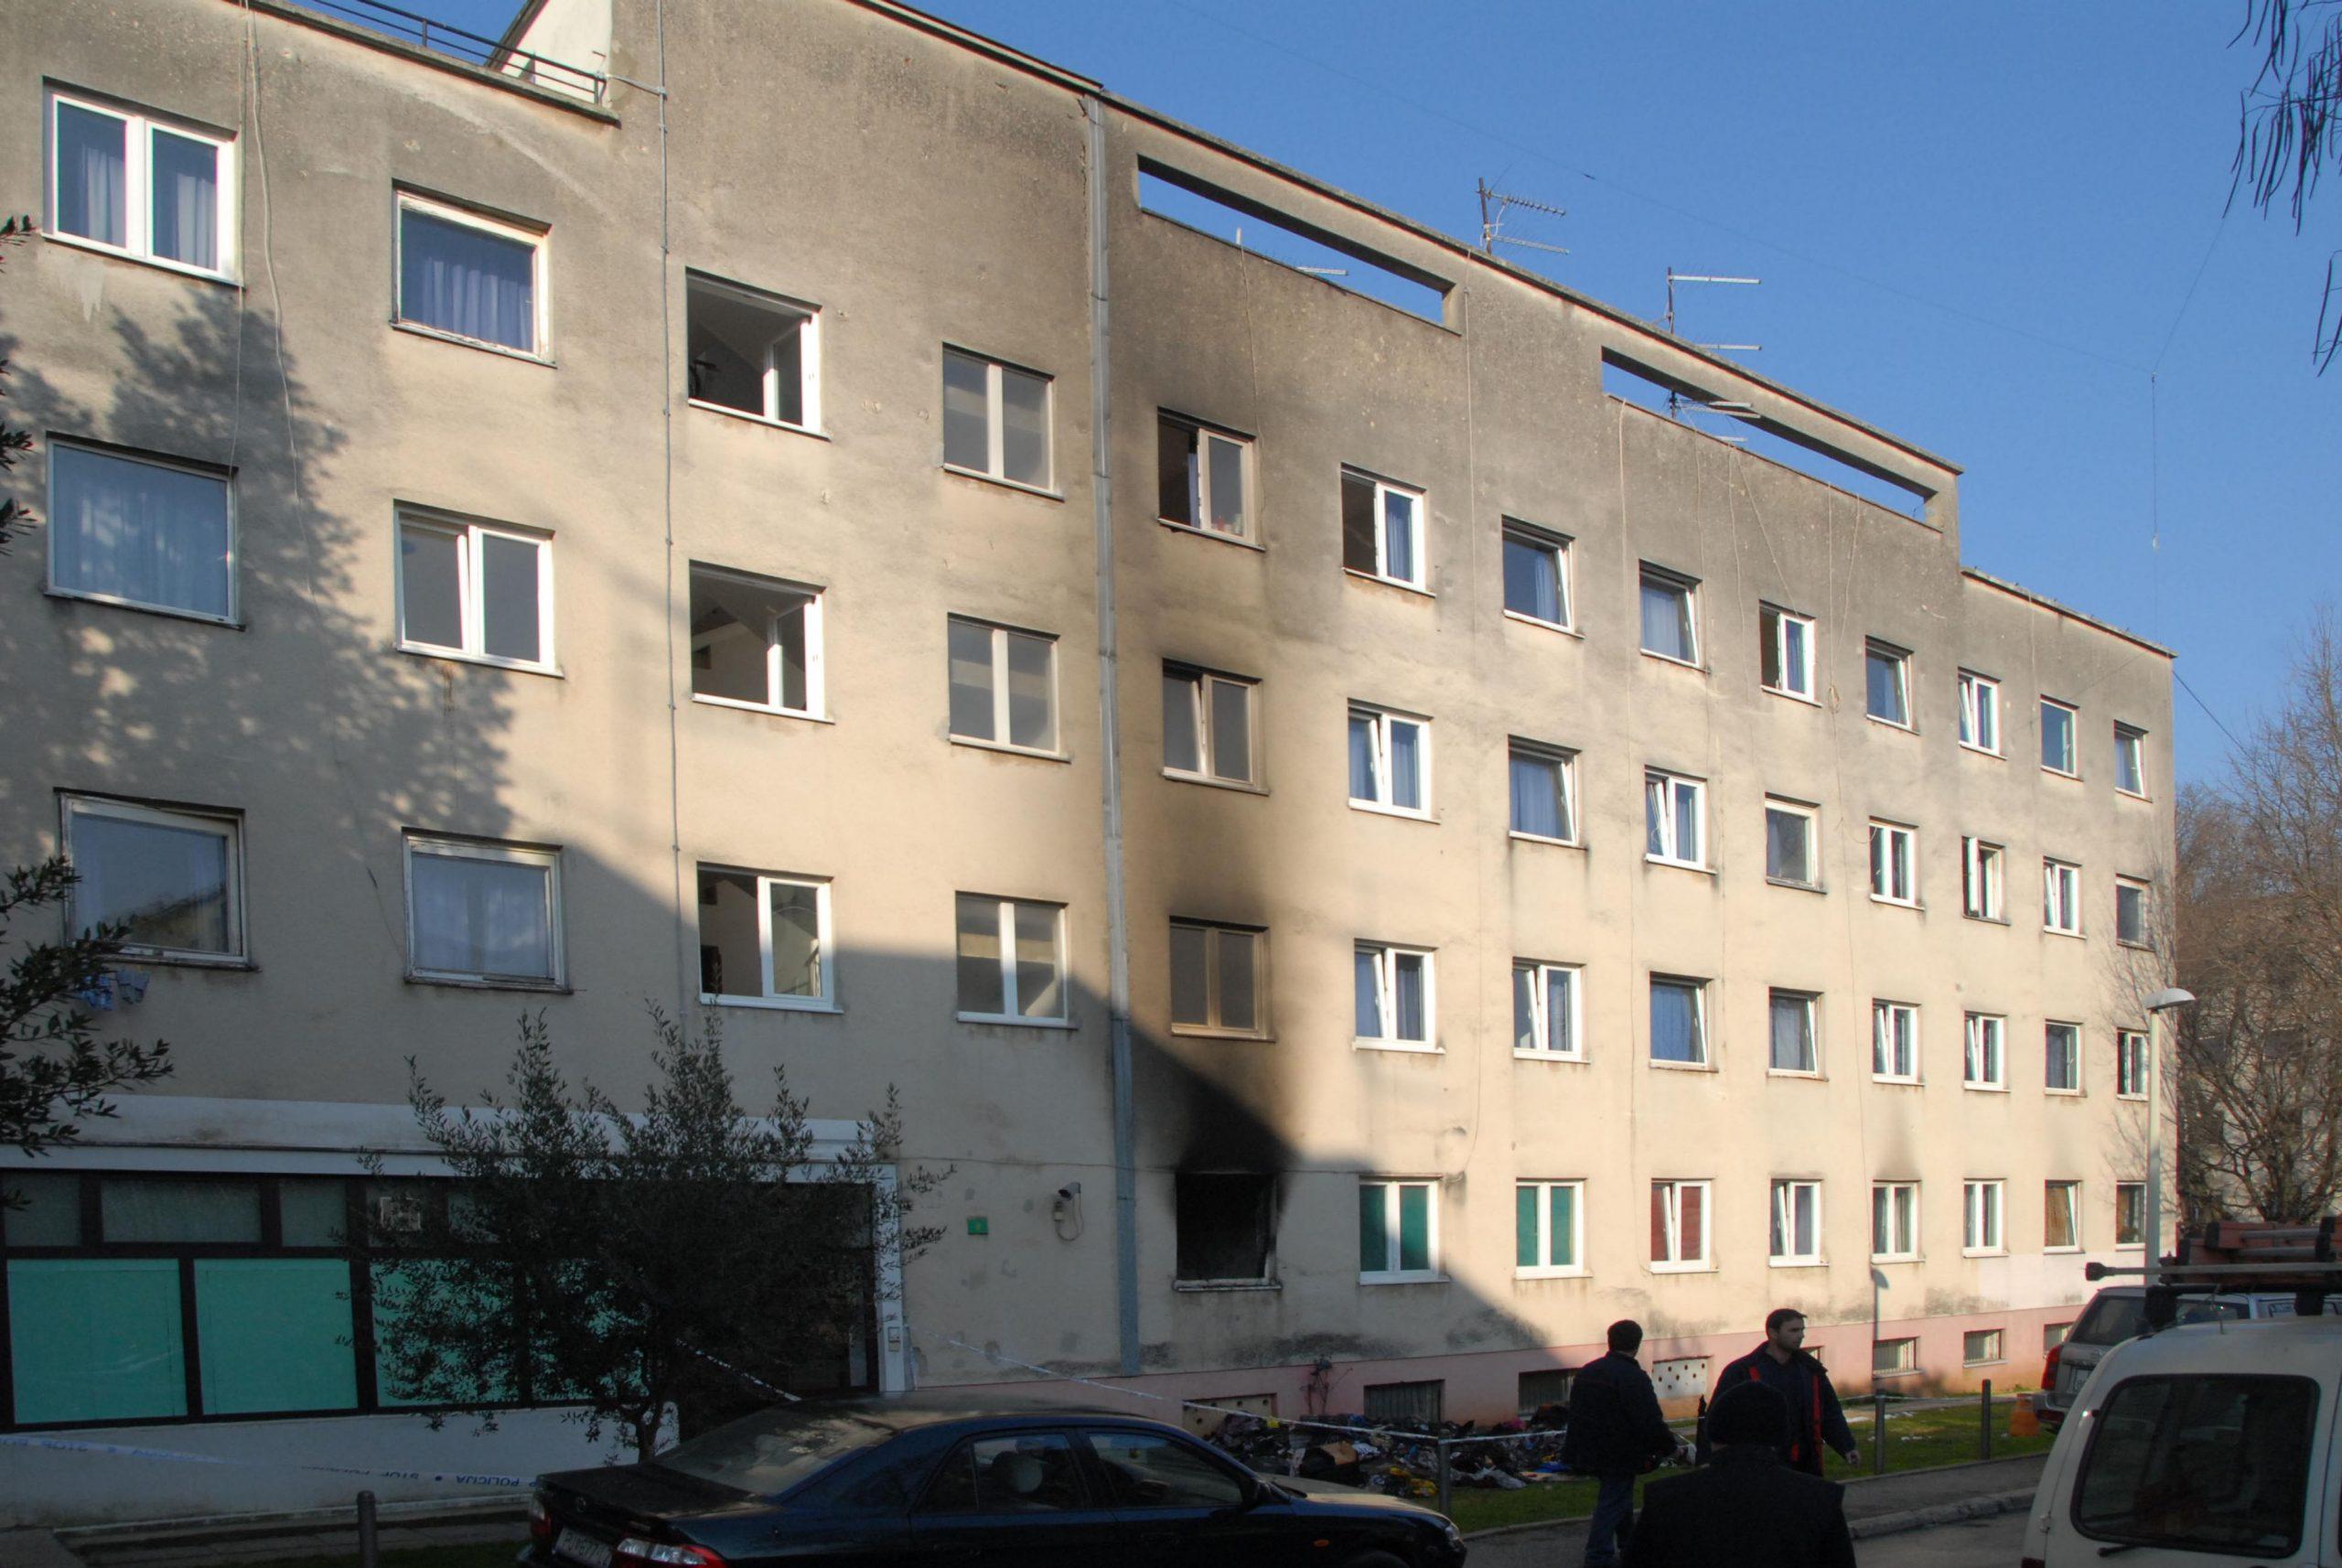 Samački hotel u Puli / Foto DUŠKO MARUŠIĆ/PIXSELL